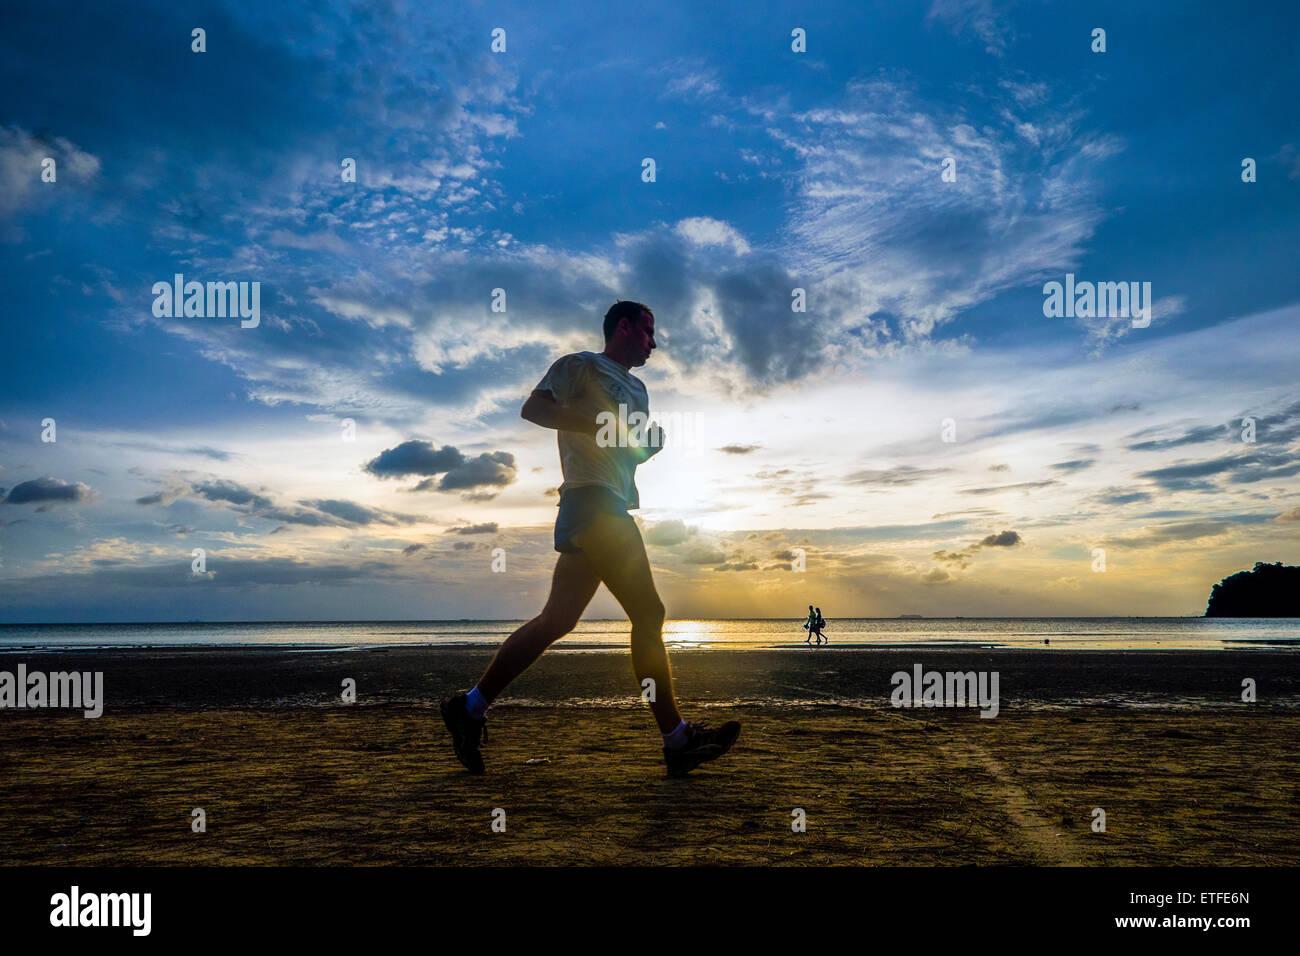 Asien. Thailand. Insel Koh Lanta. Jogger am Strand bei Sonnenuntergang. Stockbild